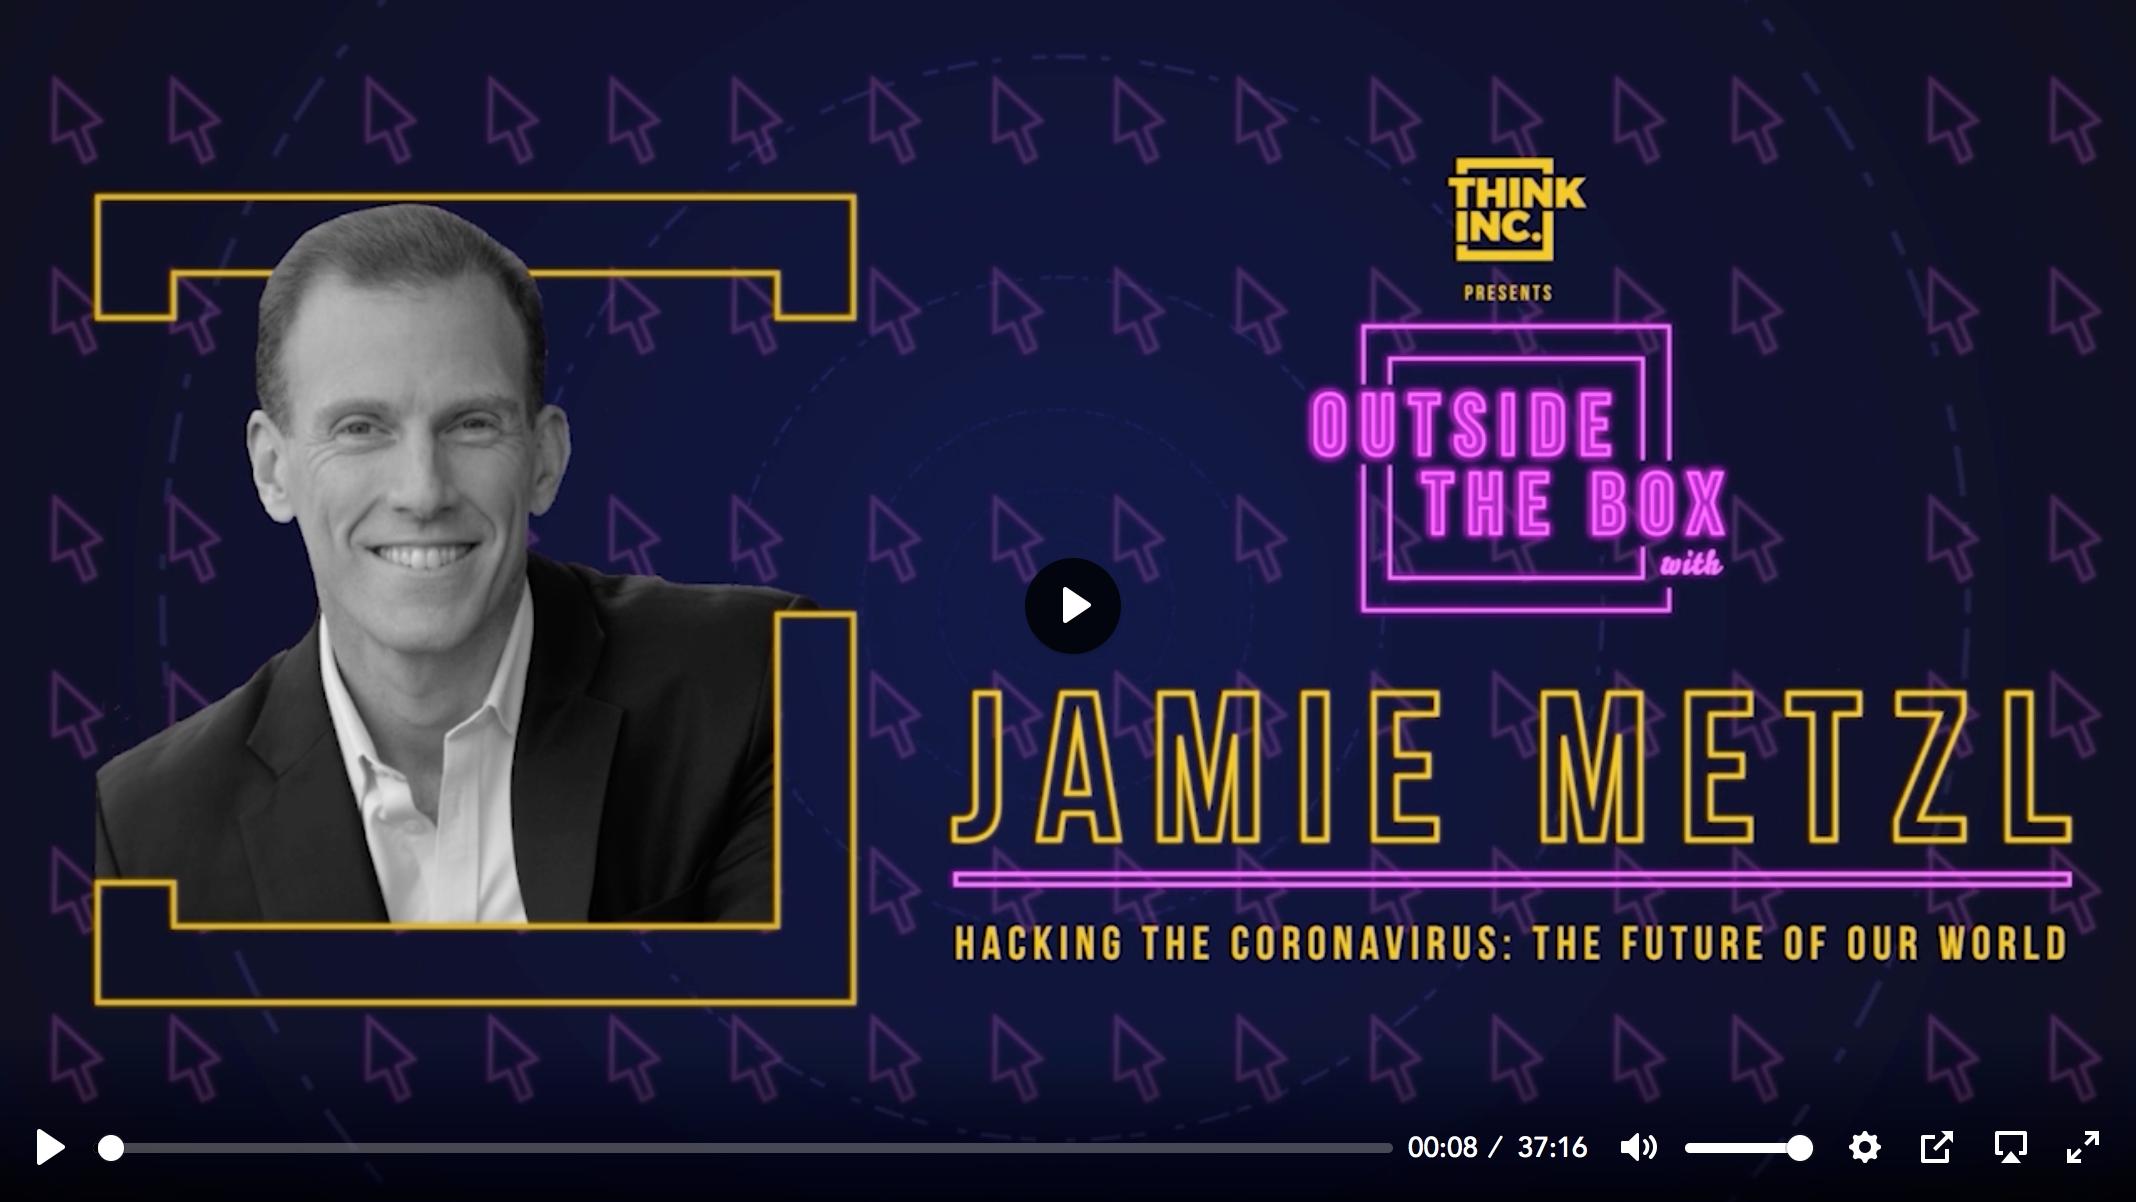 Hacking The Coronavirus With Jamie Metzl | Think Inc.